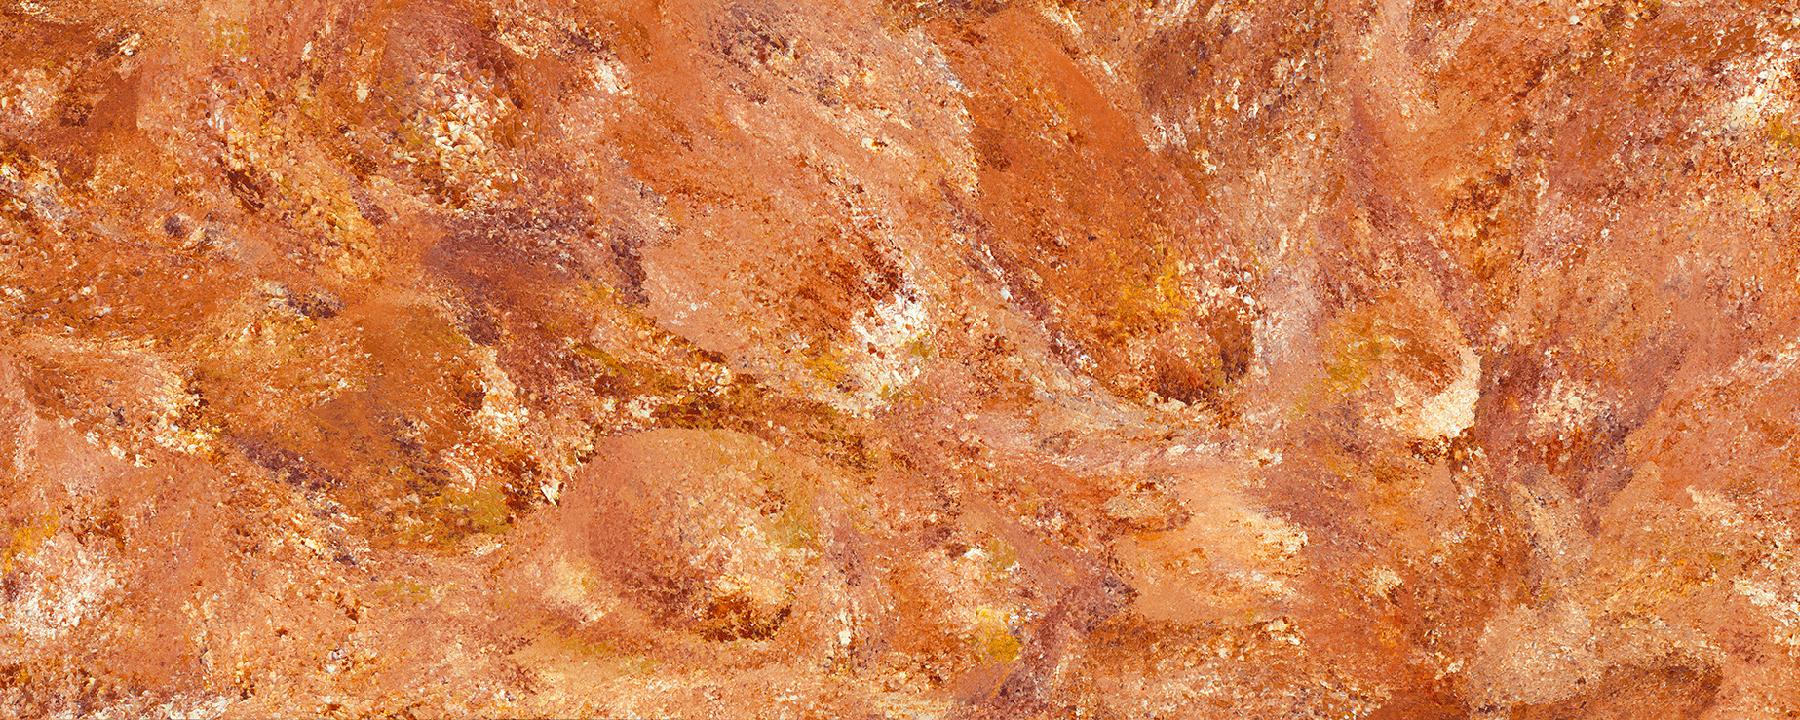 VKI Art - Sacred Soil